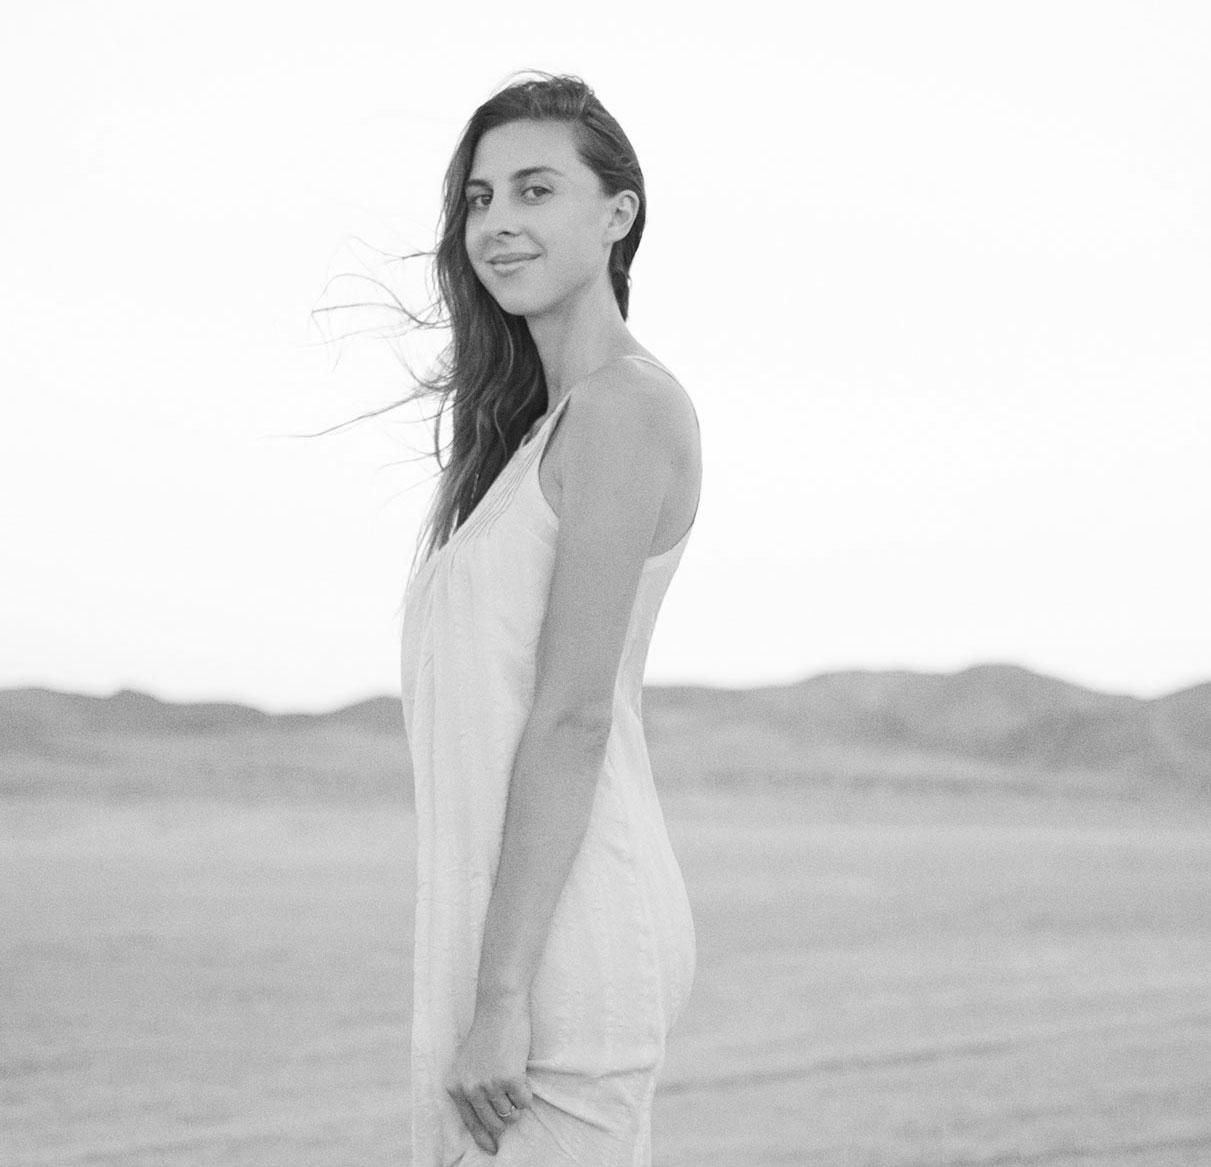 Nicole Granato, fondatrice de Willow